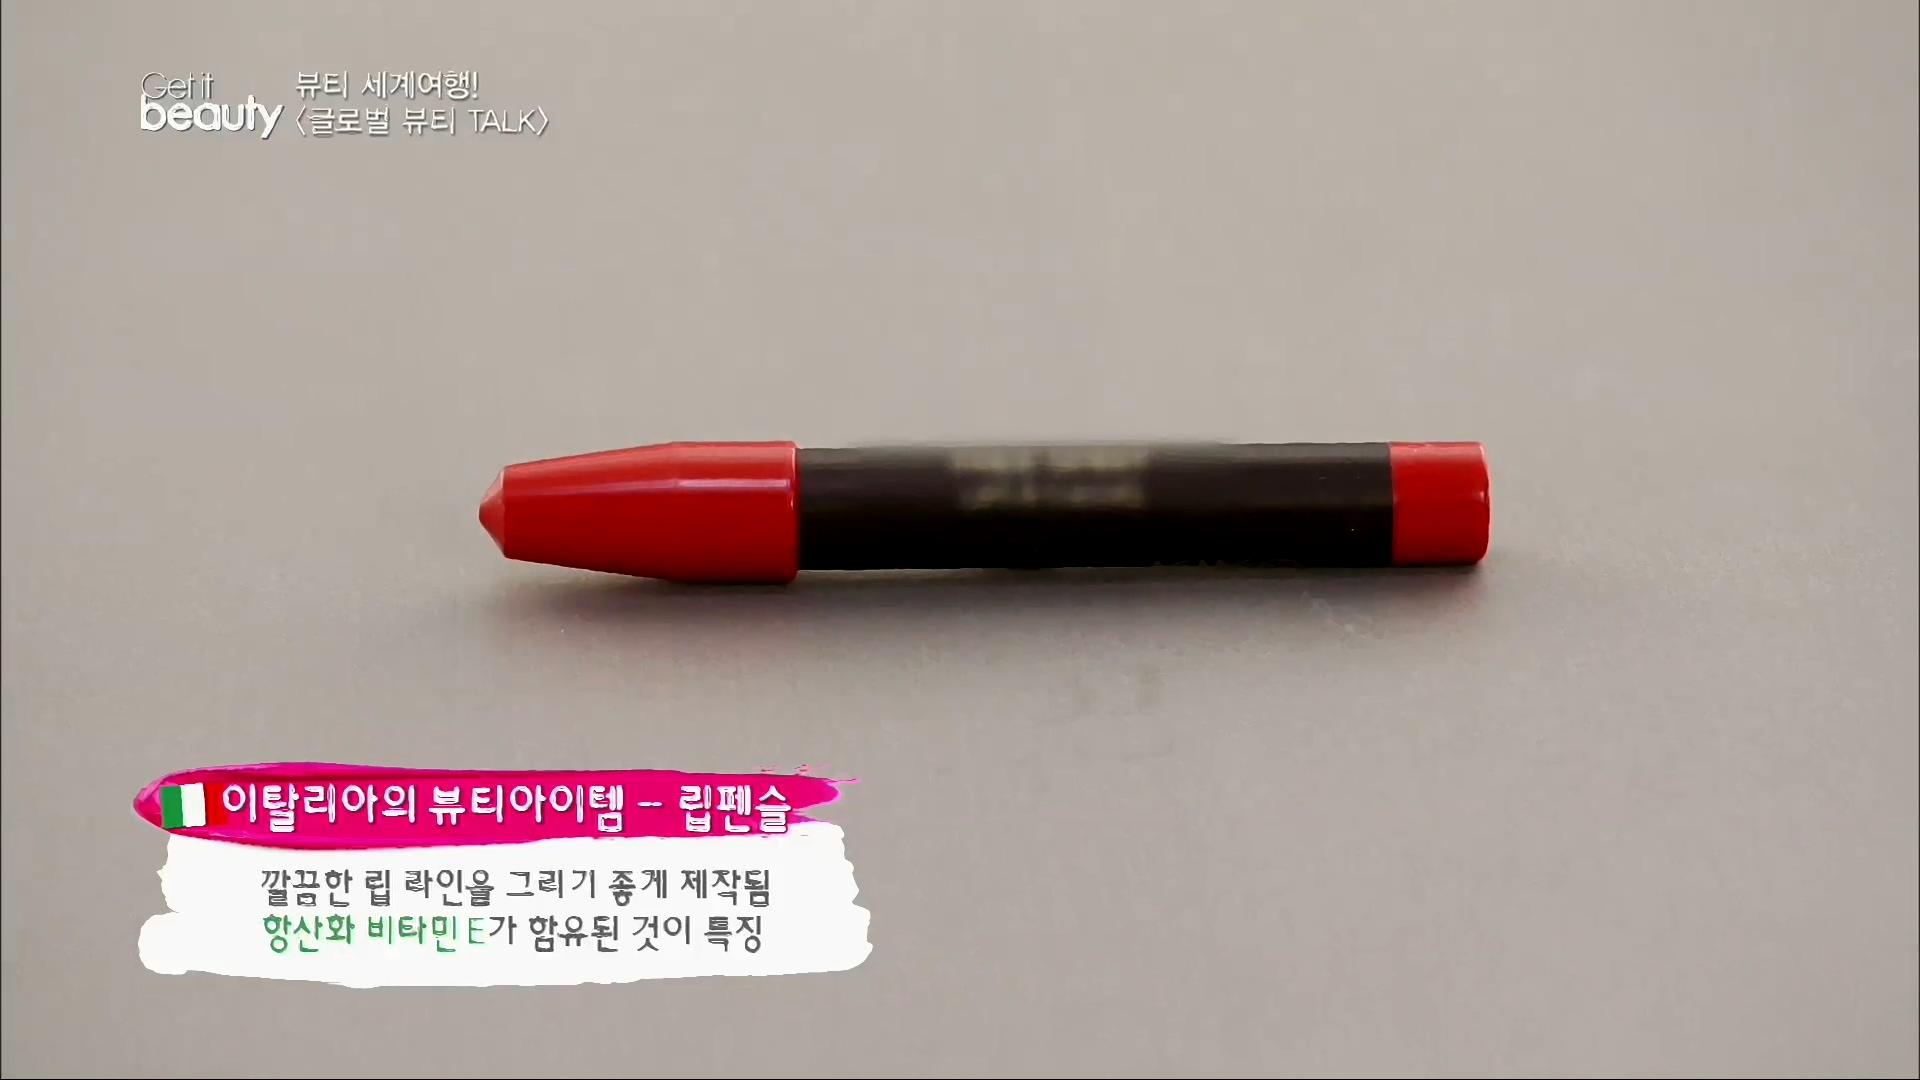 이탈리아의 뷰티 아이템 립펜슬은 깔끔한 립 라인을 그리기 좋게 제작! 항산화 비타민E가 함유된 것이 특징이예요 제품정보 : [KIKO] 립펜슬 밀라노